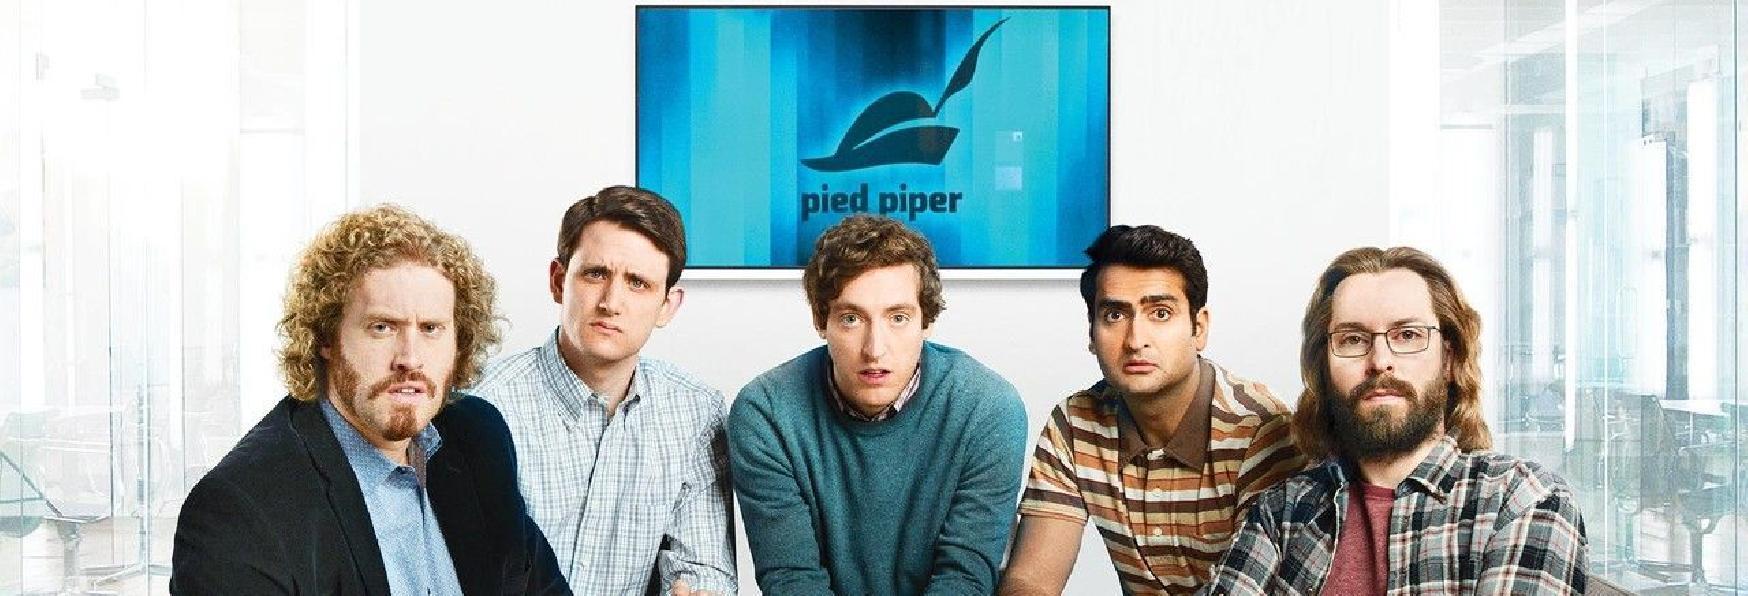 Silicon Valley: la Sesta Stagione sarà l'Ultima per la Serie TV di HBO